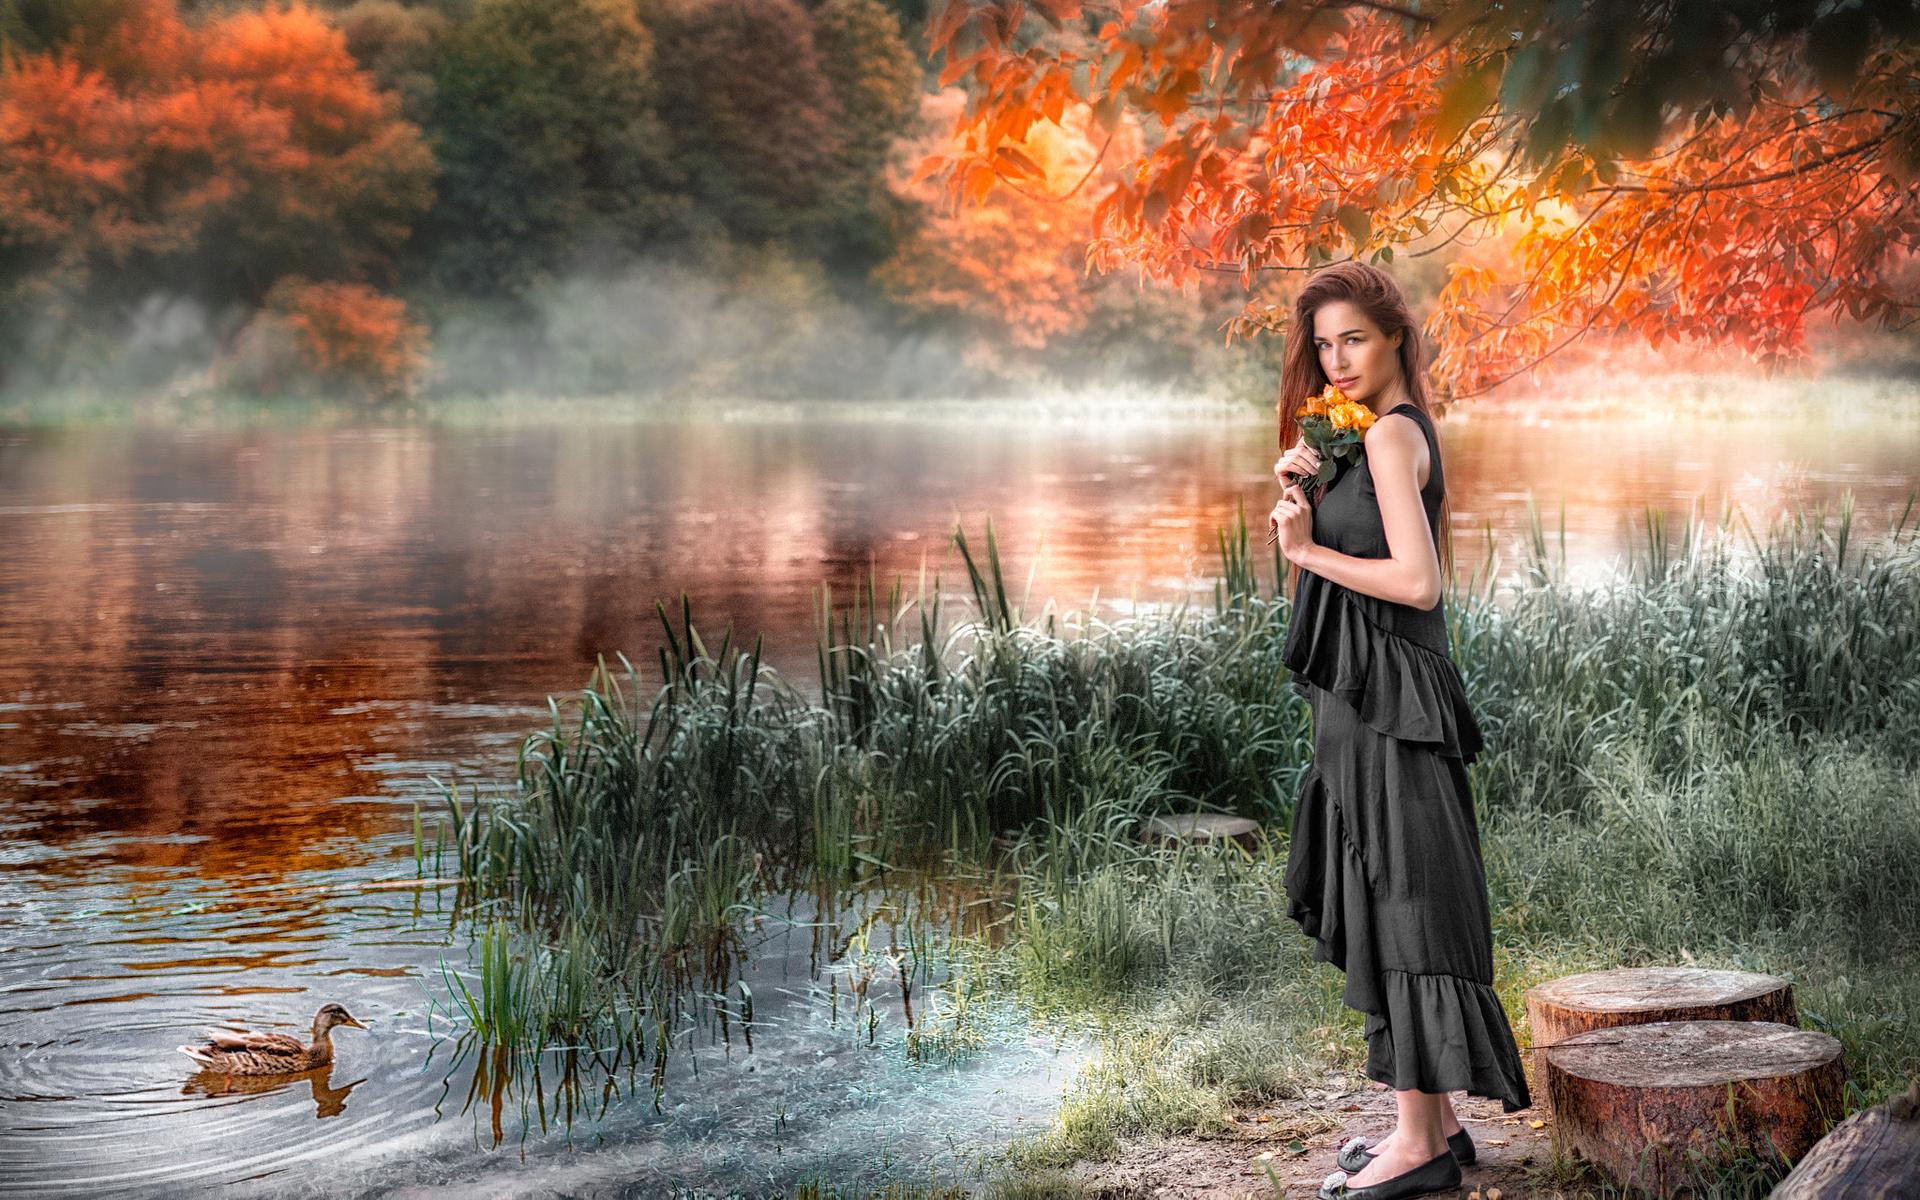 tomas bark, девушка, шатенка, взгляд, платье, цветы, розы, природа, озеро, камыши, утка, птица, деревья, пеньки